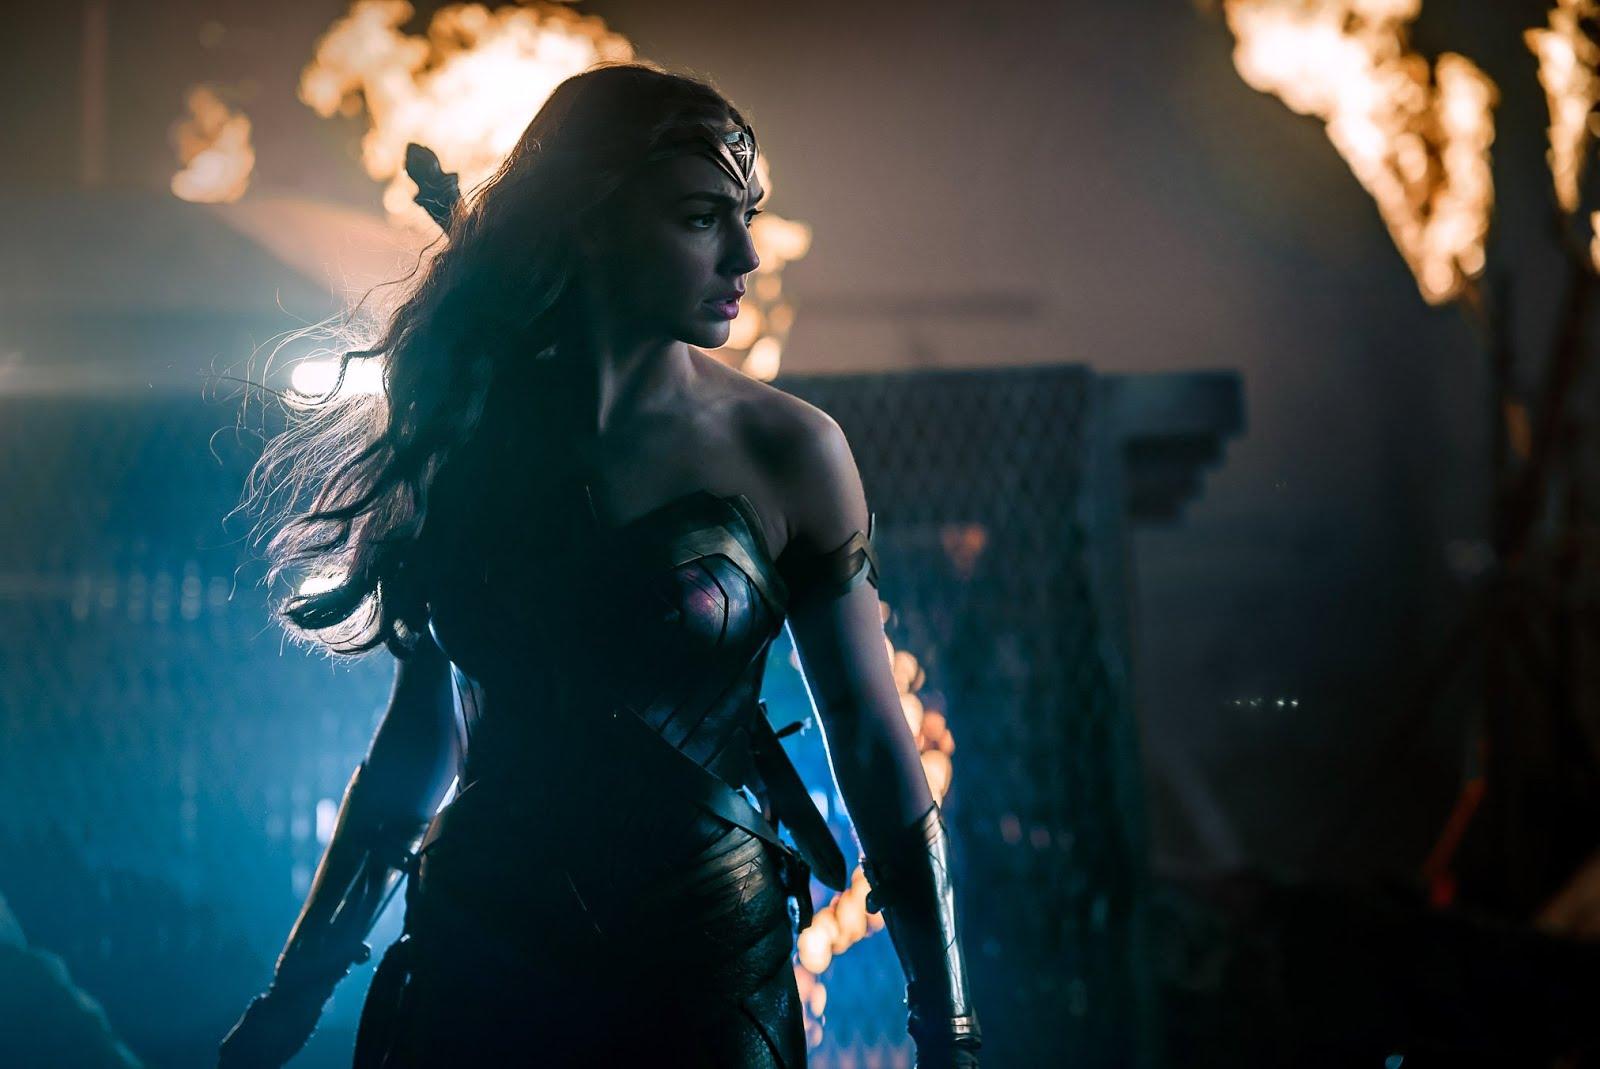 Liga da Justiça: Diretor divulga nova foto da Mulher Maravilha em ...